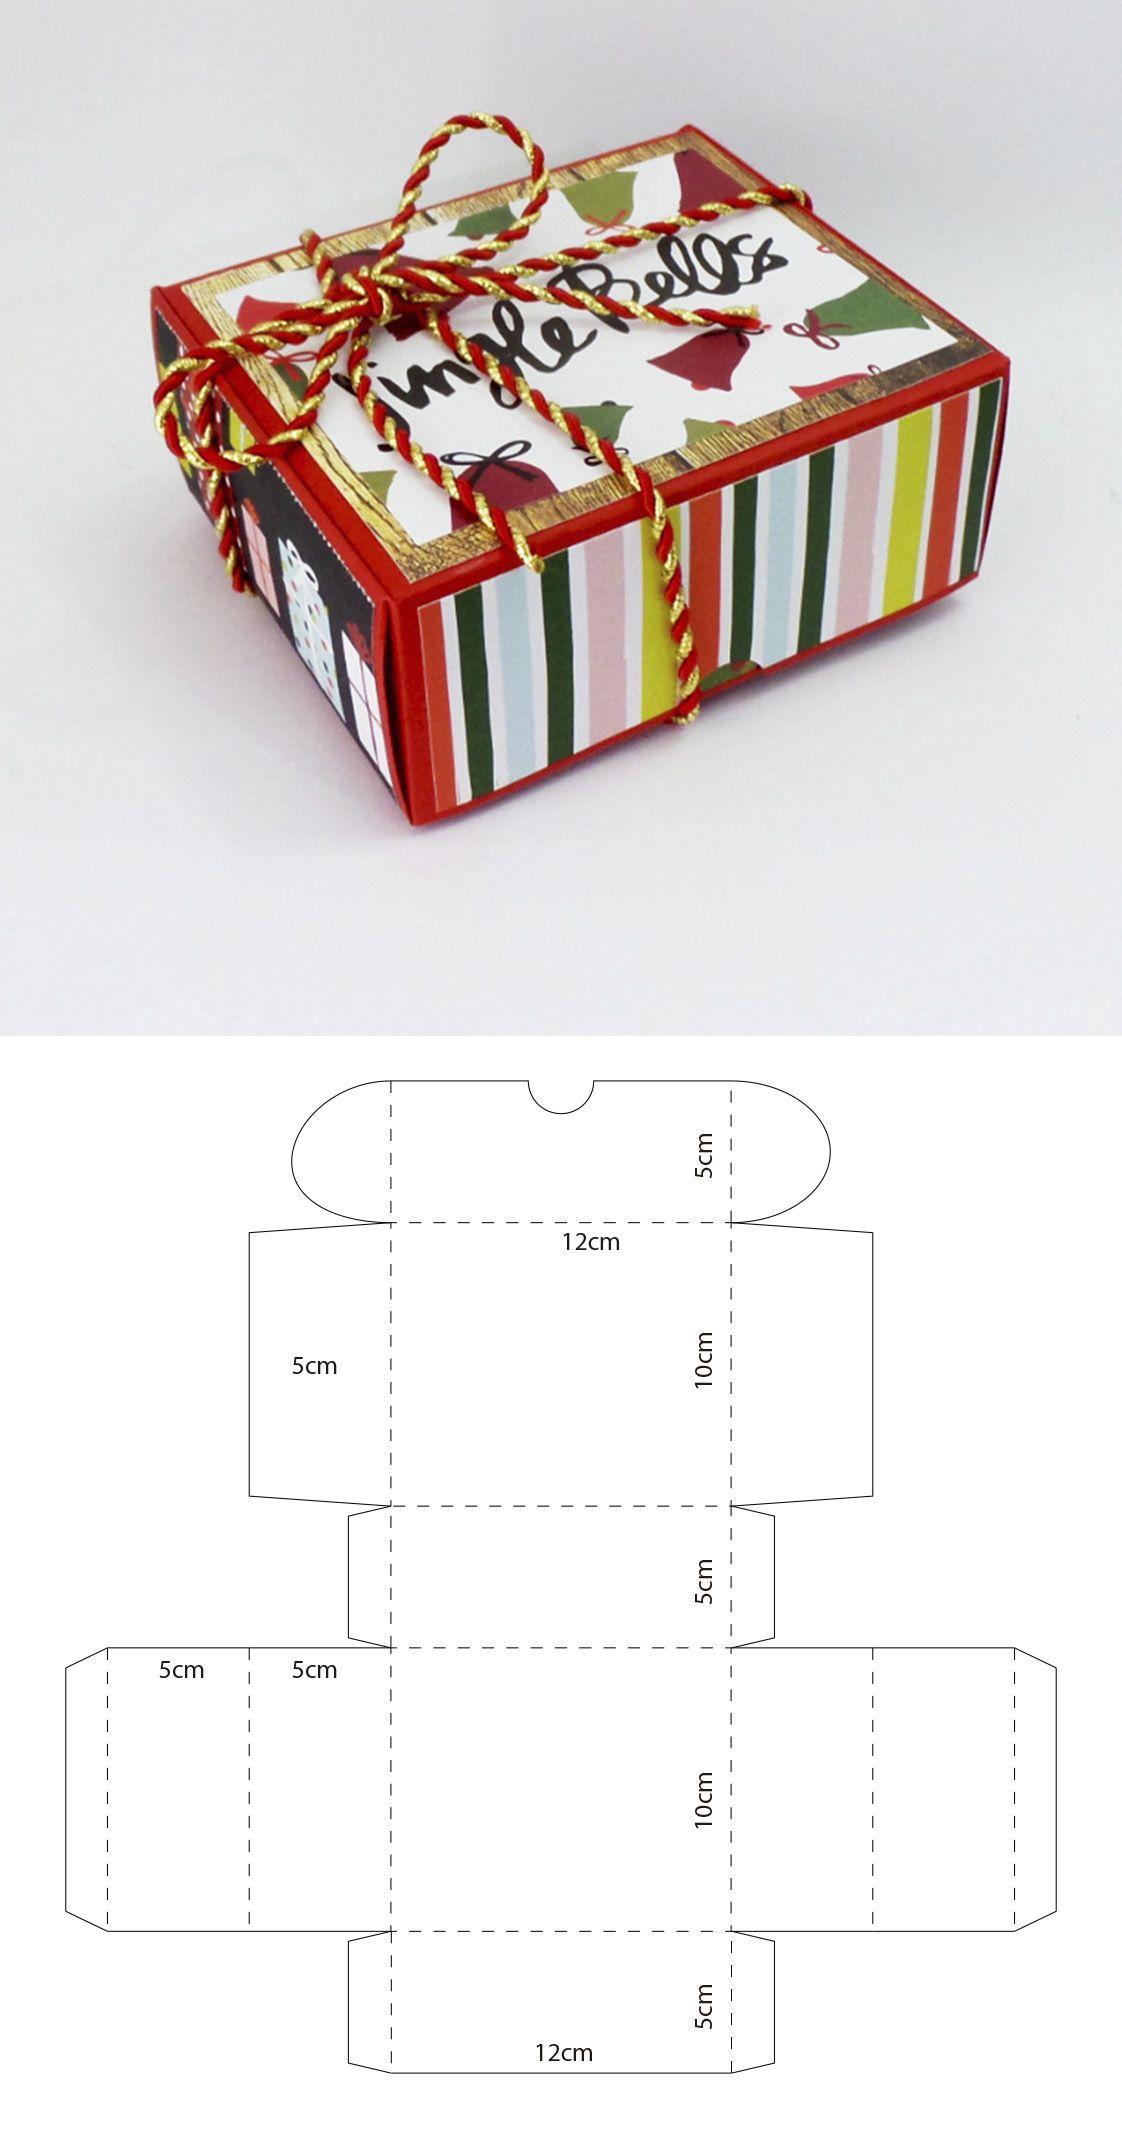 descarga gratis el molde en mi sitio web diy paper crafts boxes